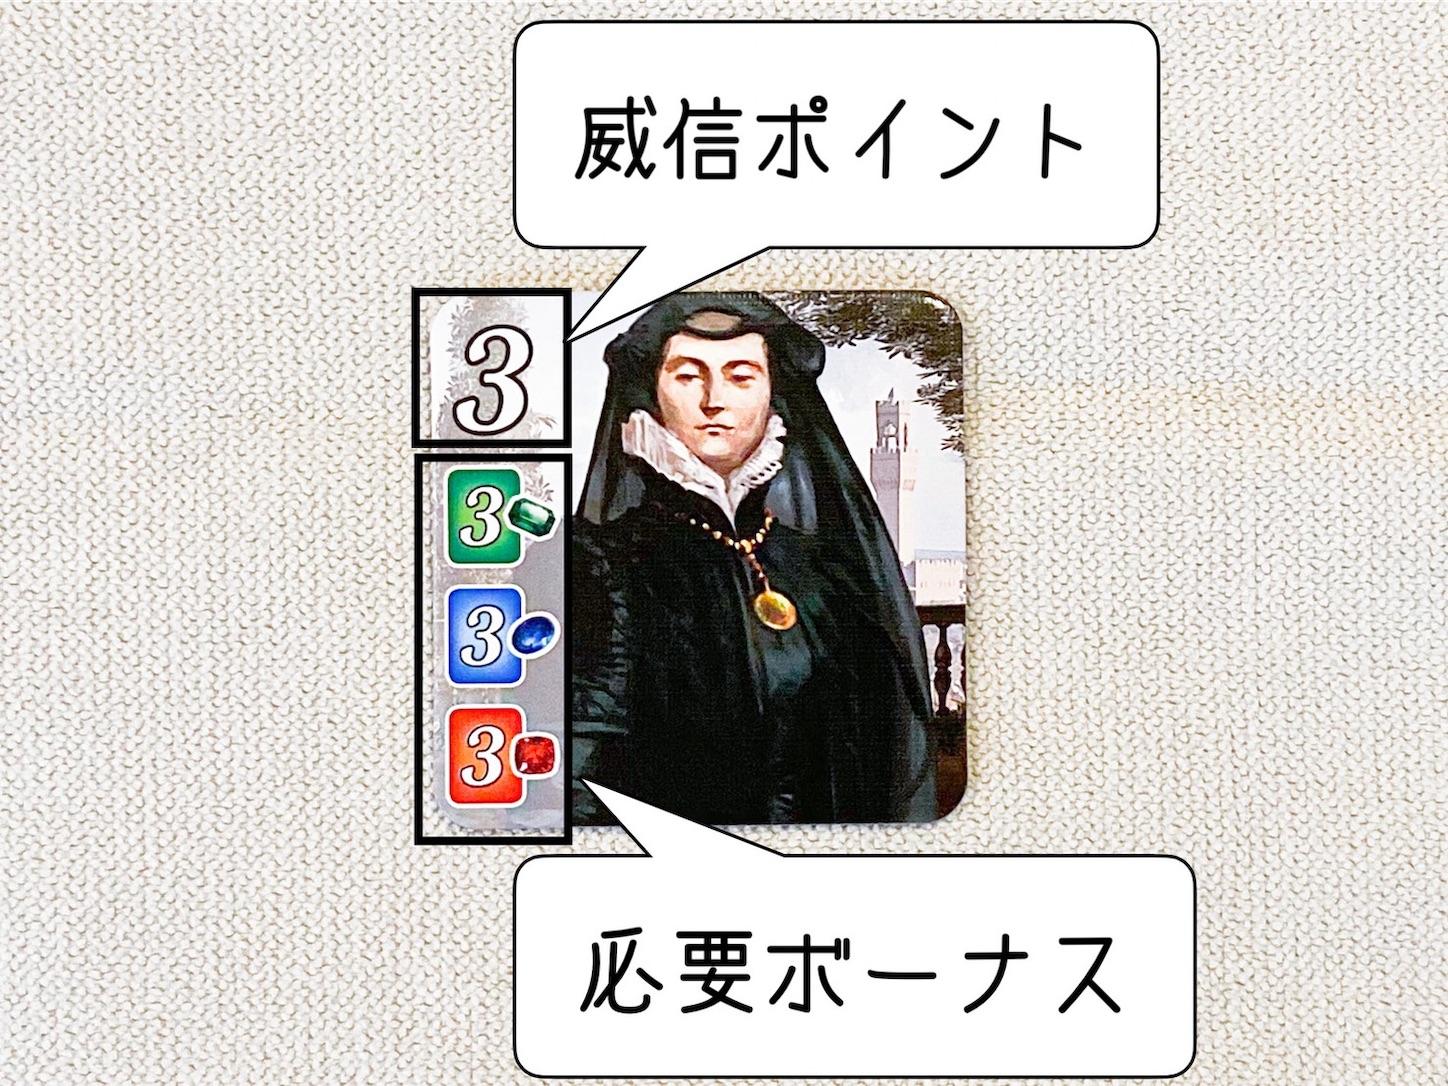 f:id:board_kuma:20200602014852j:image